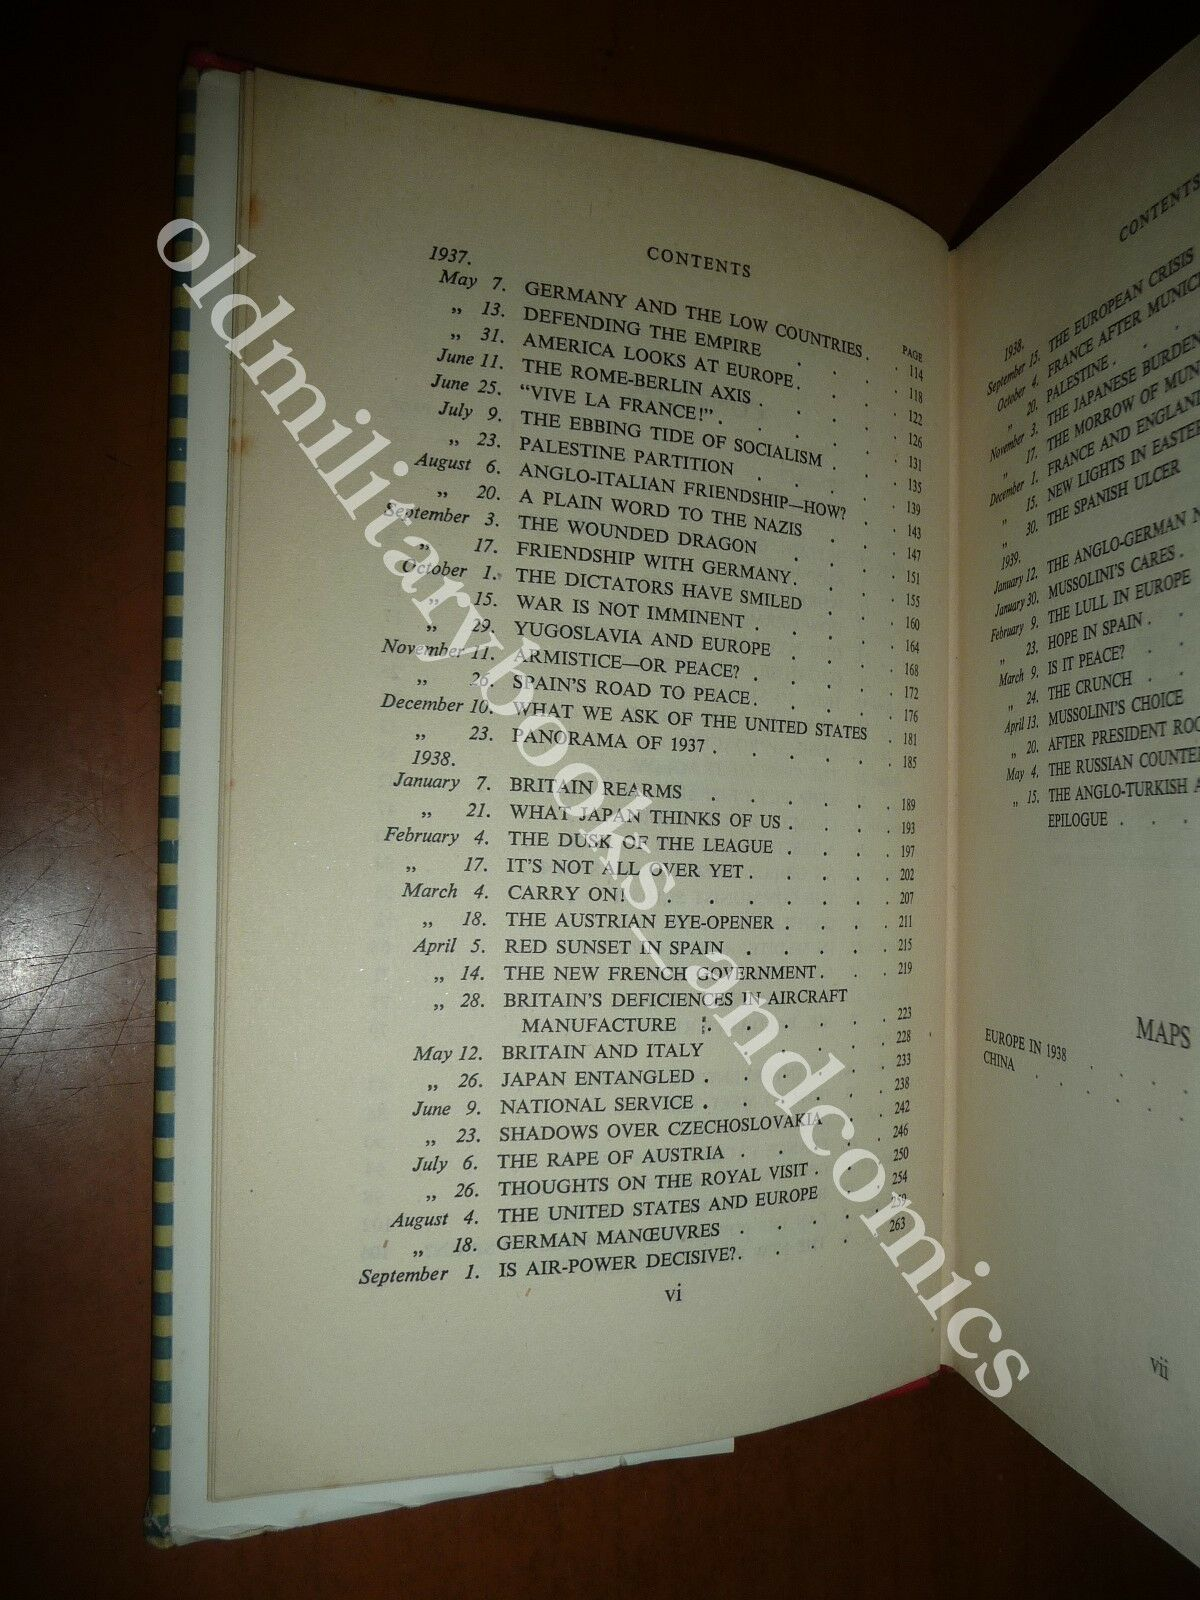 STEP BY STEP 1936-1939 WINSTON CHURCHILL 1947 STORIA EUROPA SPAGNA AUSTRIA